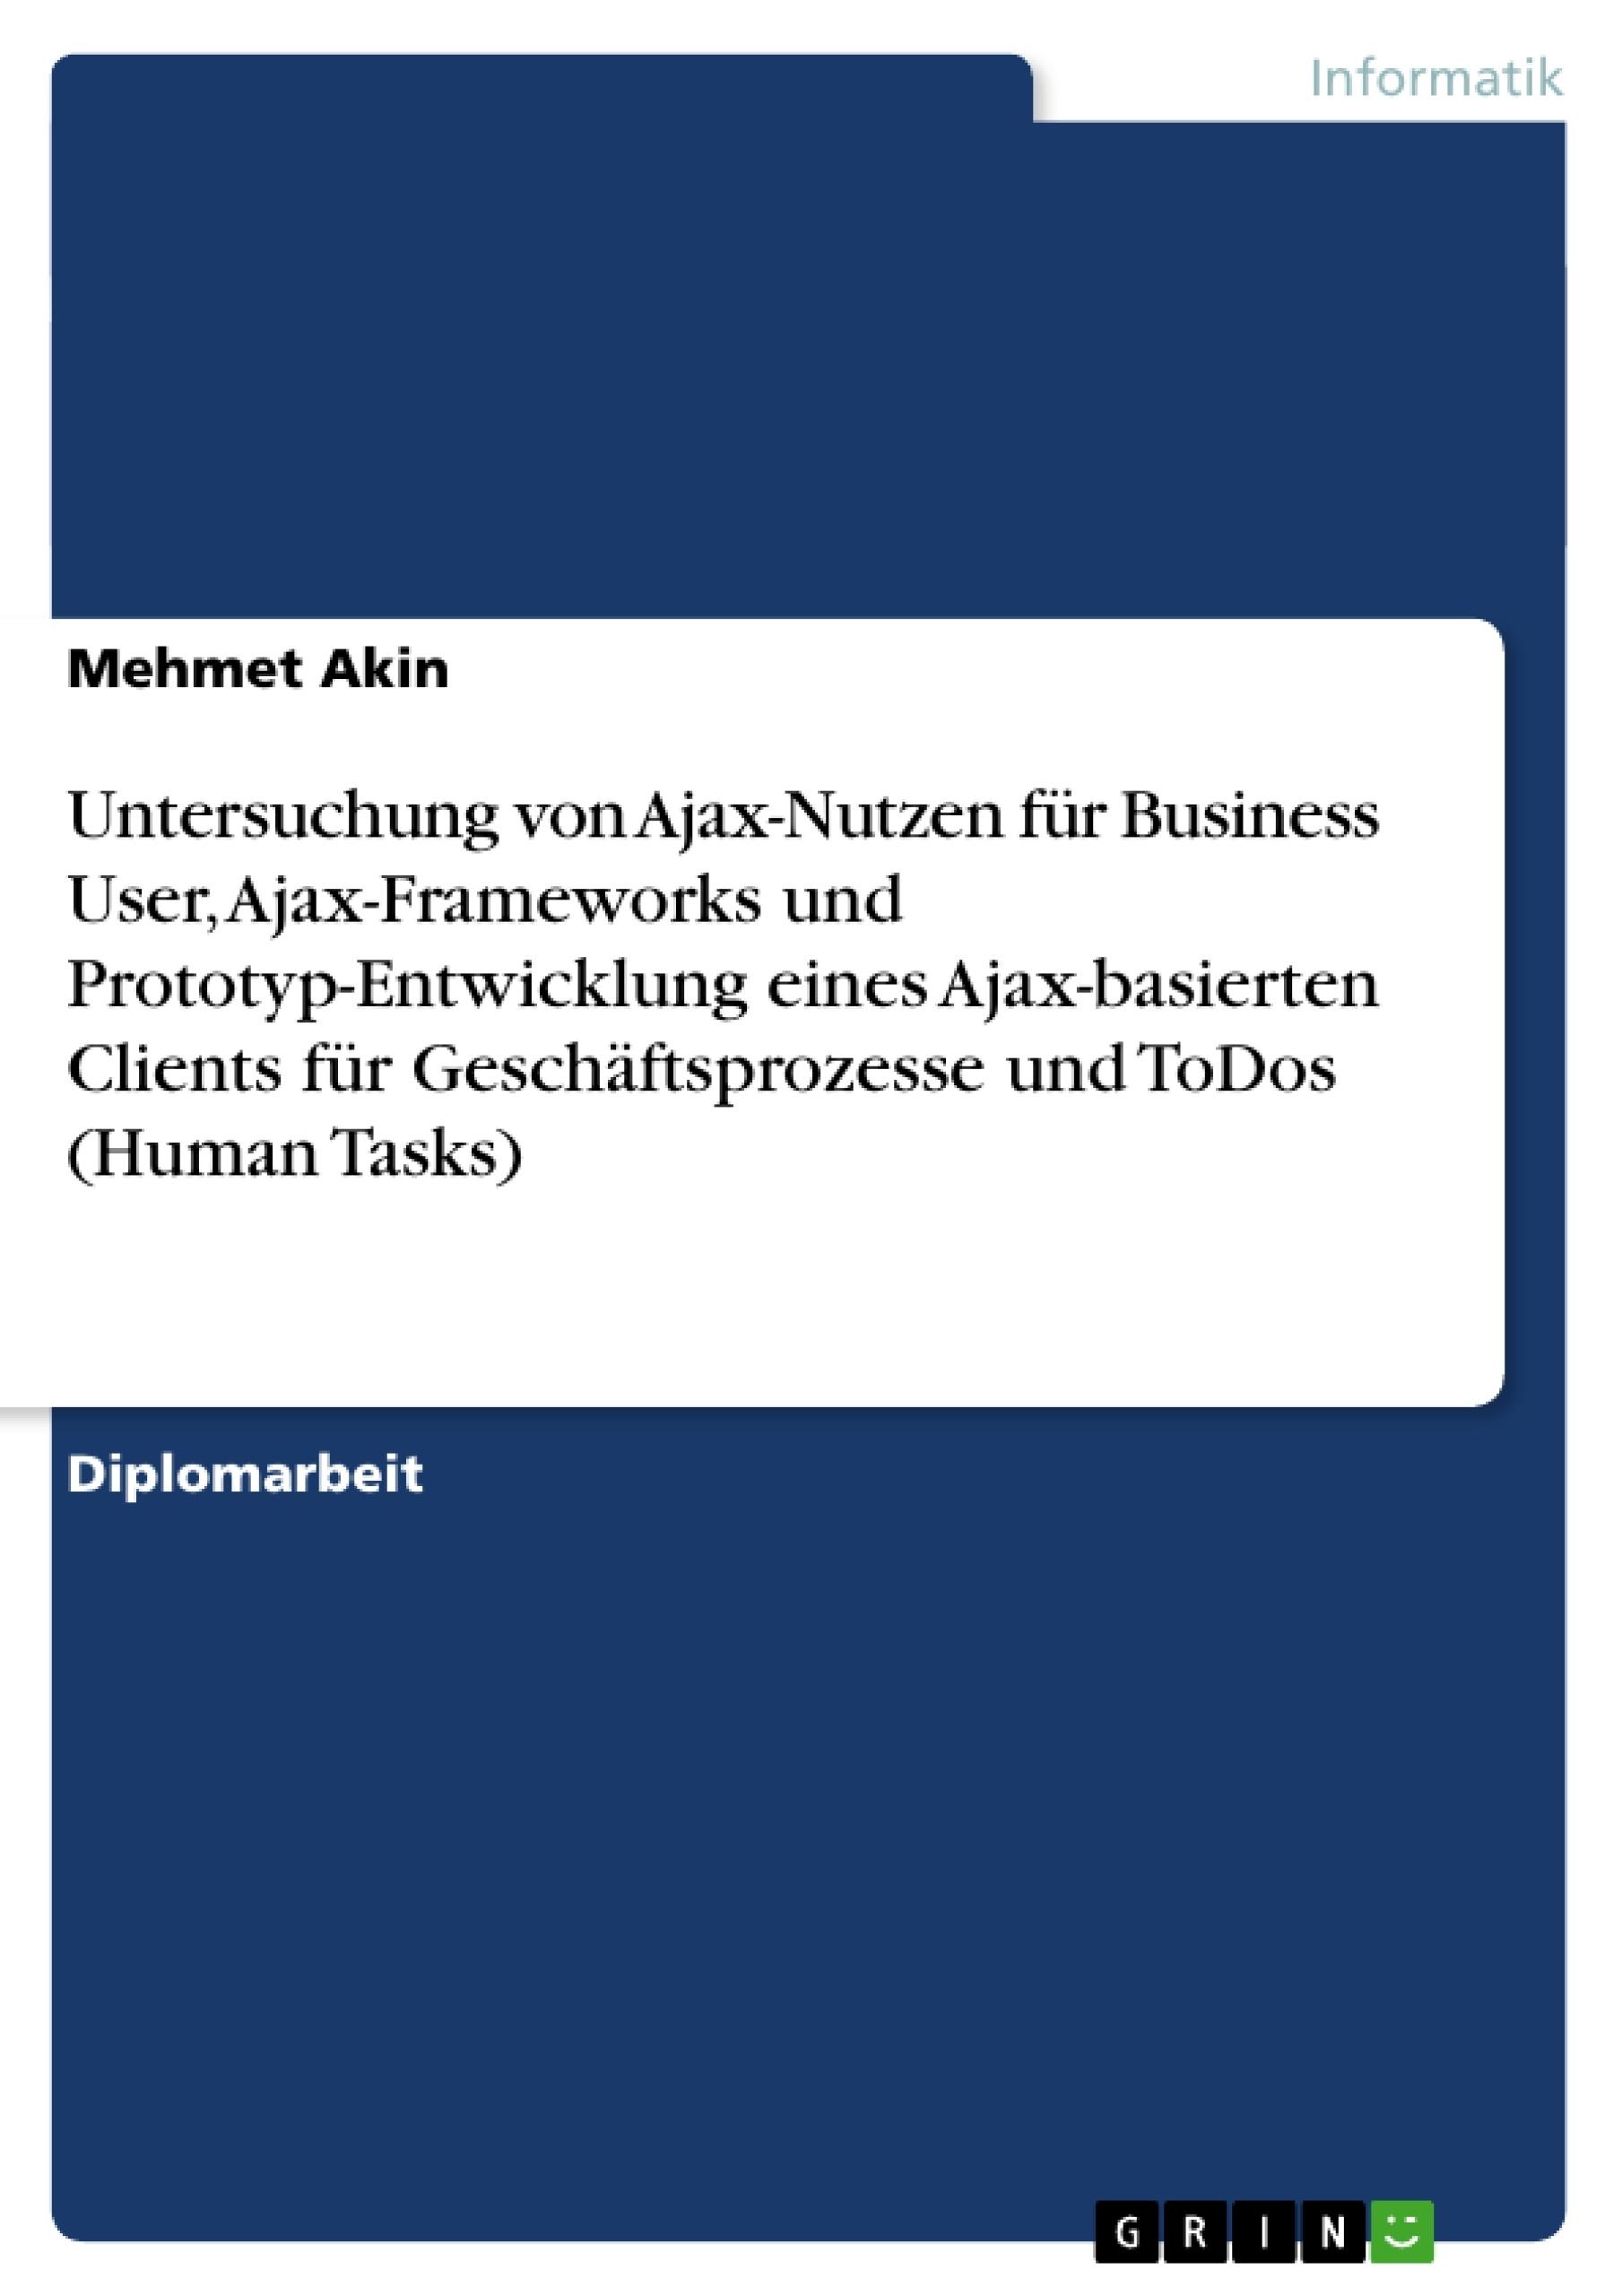 Titel: Untersuchung von Ajax-Nutzen für Business User, Ajax-Frameworks und Prototyp-Entwicklung eines Ajax-basierten Clients für Geschäftsprozesse und ToDos (Human Tasks)